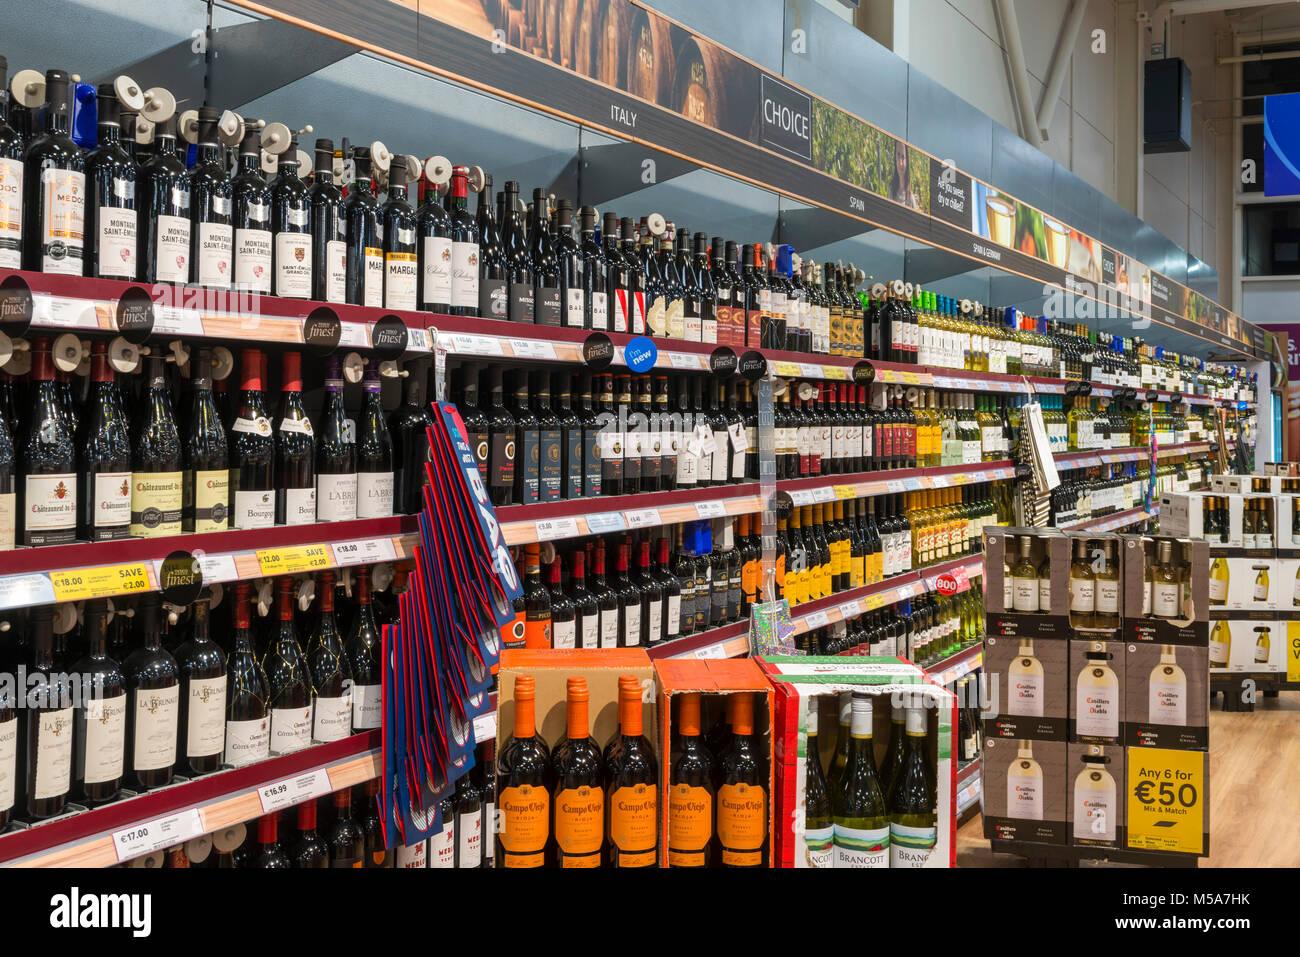 Wine bottles on a supermarket shelf, Ireland - Stock Image